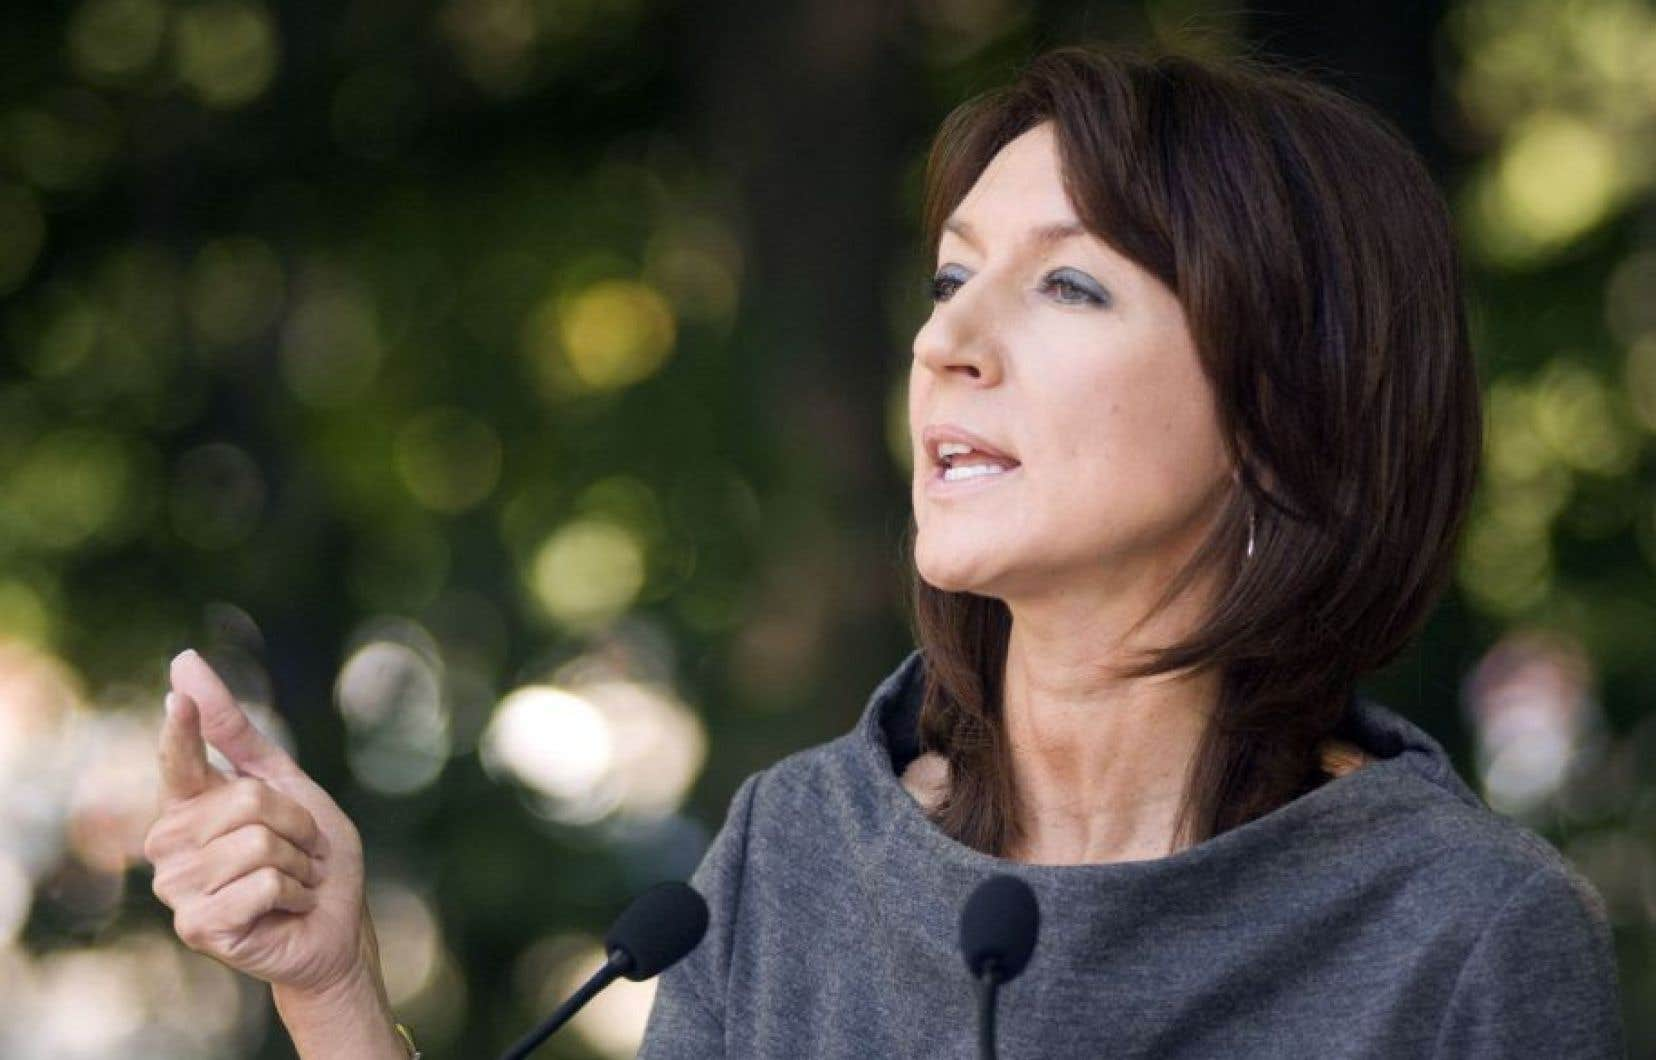 L'ex-ministre libérale Nathalie Normandeau est au nombre des personnes arrêtées jeudi matin par l'UPAC.